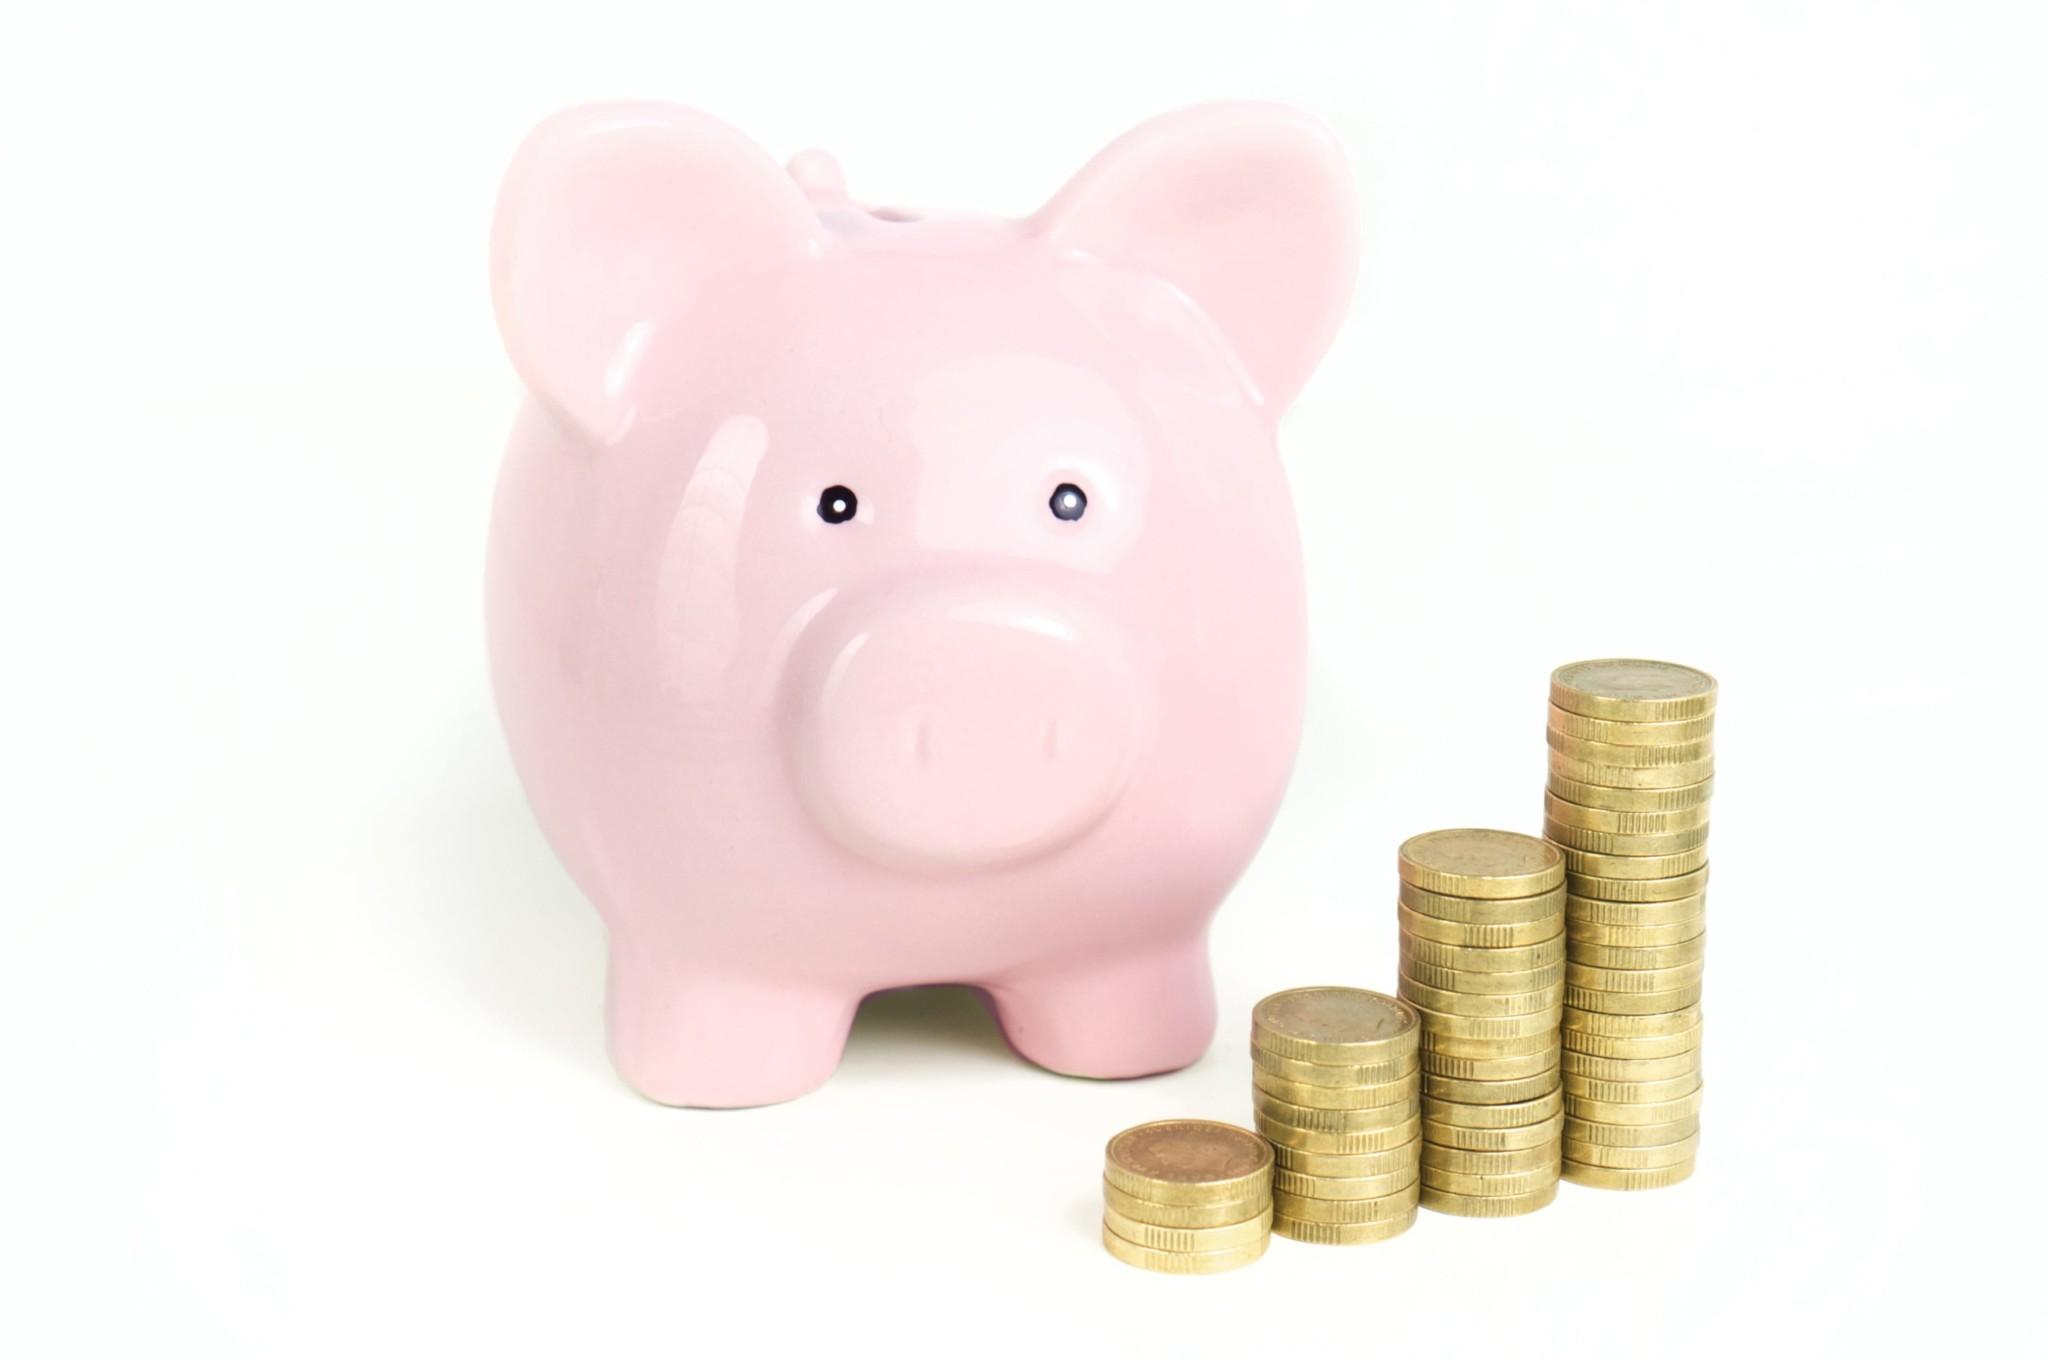 Mikro oszczędności metodą na duże oszczędzanie